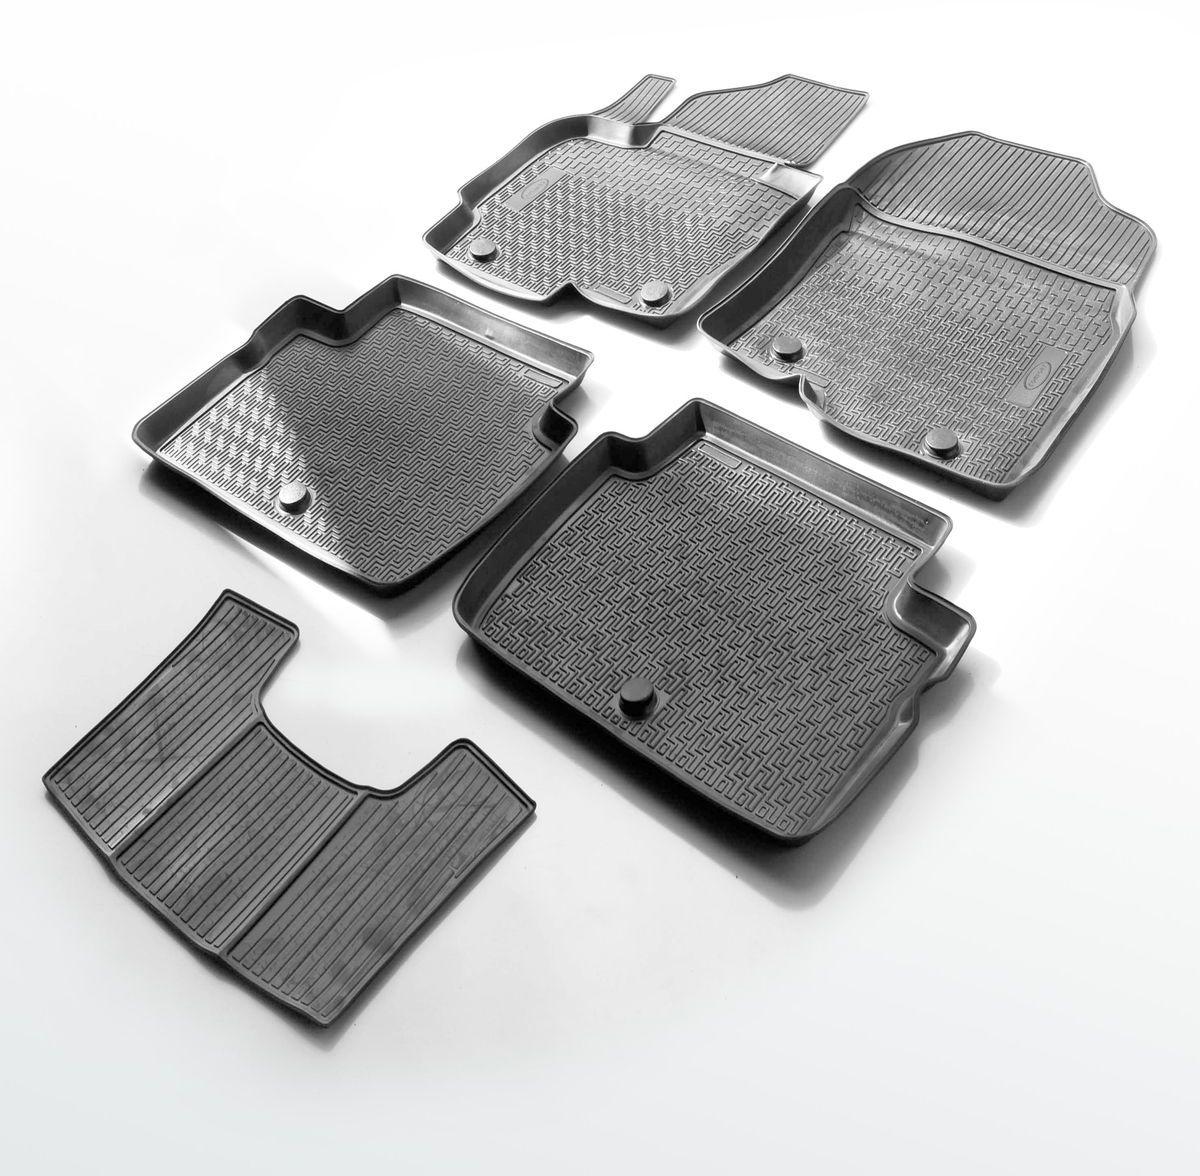 Коврики салона Rival для Renault Sandero 2014-, c перемычкой, полиуретан14703003Прочные и долговечные коврики Rival в салон автомобиля, изготовлены из высококачественного и экологичного сырья. Коврики полностью повторяют геометрию салона вашего автомобиля.- Надежная система крепления, позволяющая закрепить коврик на штатные элементы фиксации, в результате чего отсутствует эффект скольжения по салону автомобиля.- Высокая стойкость поверхности к стиранию.- Специализированный рисунок и высокий борт, препятствующие распространению грязи и жидкости по поверхности коврика.- Перемычка задних ковриков в комплекте предотвращает загрязнение тоннеля карданного вала.- Коврики произведены из первичных материалов, в результате чего отсутствует неприятный запах в салоне автомобиля.- Высокая эластичность, можно беспрепятственно эксплуатировать при температуре от -45°C до +45°C. Уважаемые клиенты! Обращаем ваше внимание, что коврики имеют форму, соответствующую модели данного автомобиля. Фото служит для визуального восприятия товара.